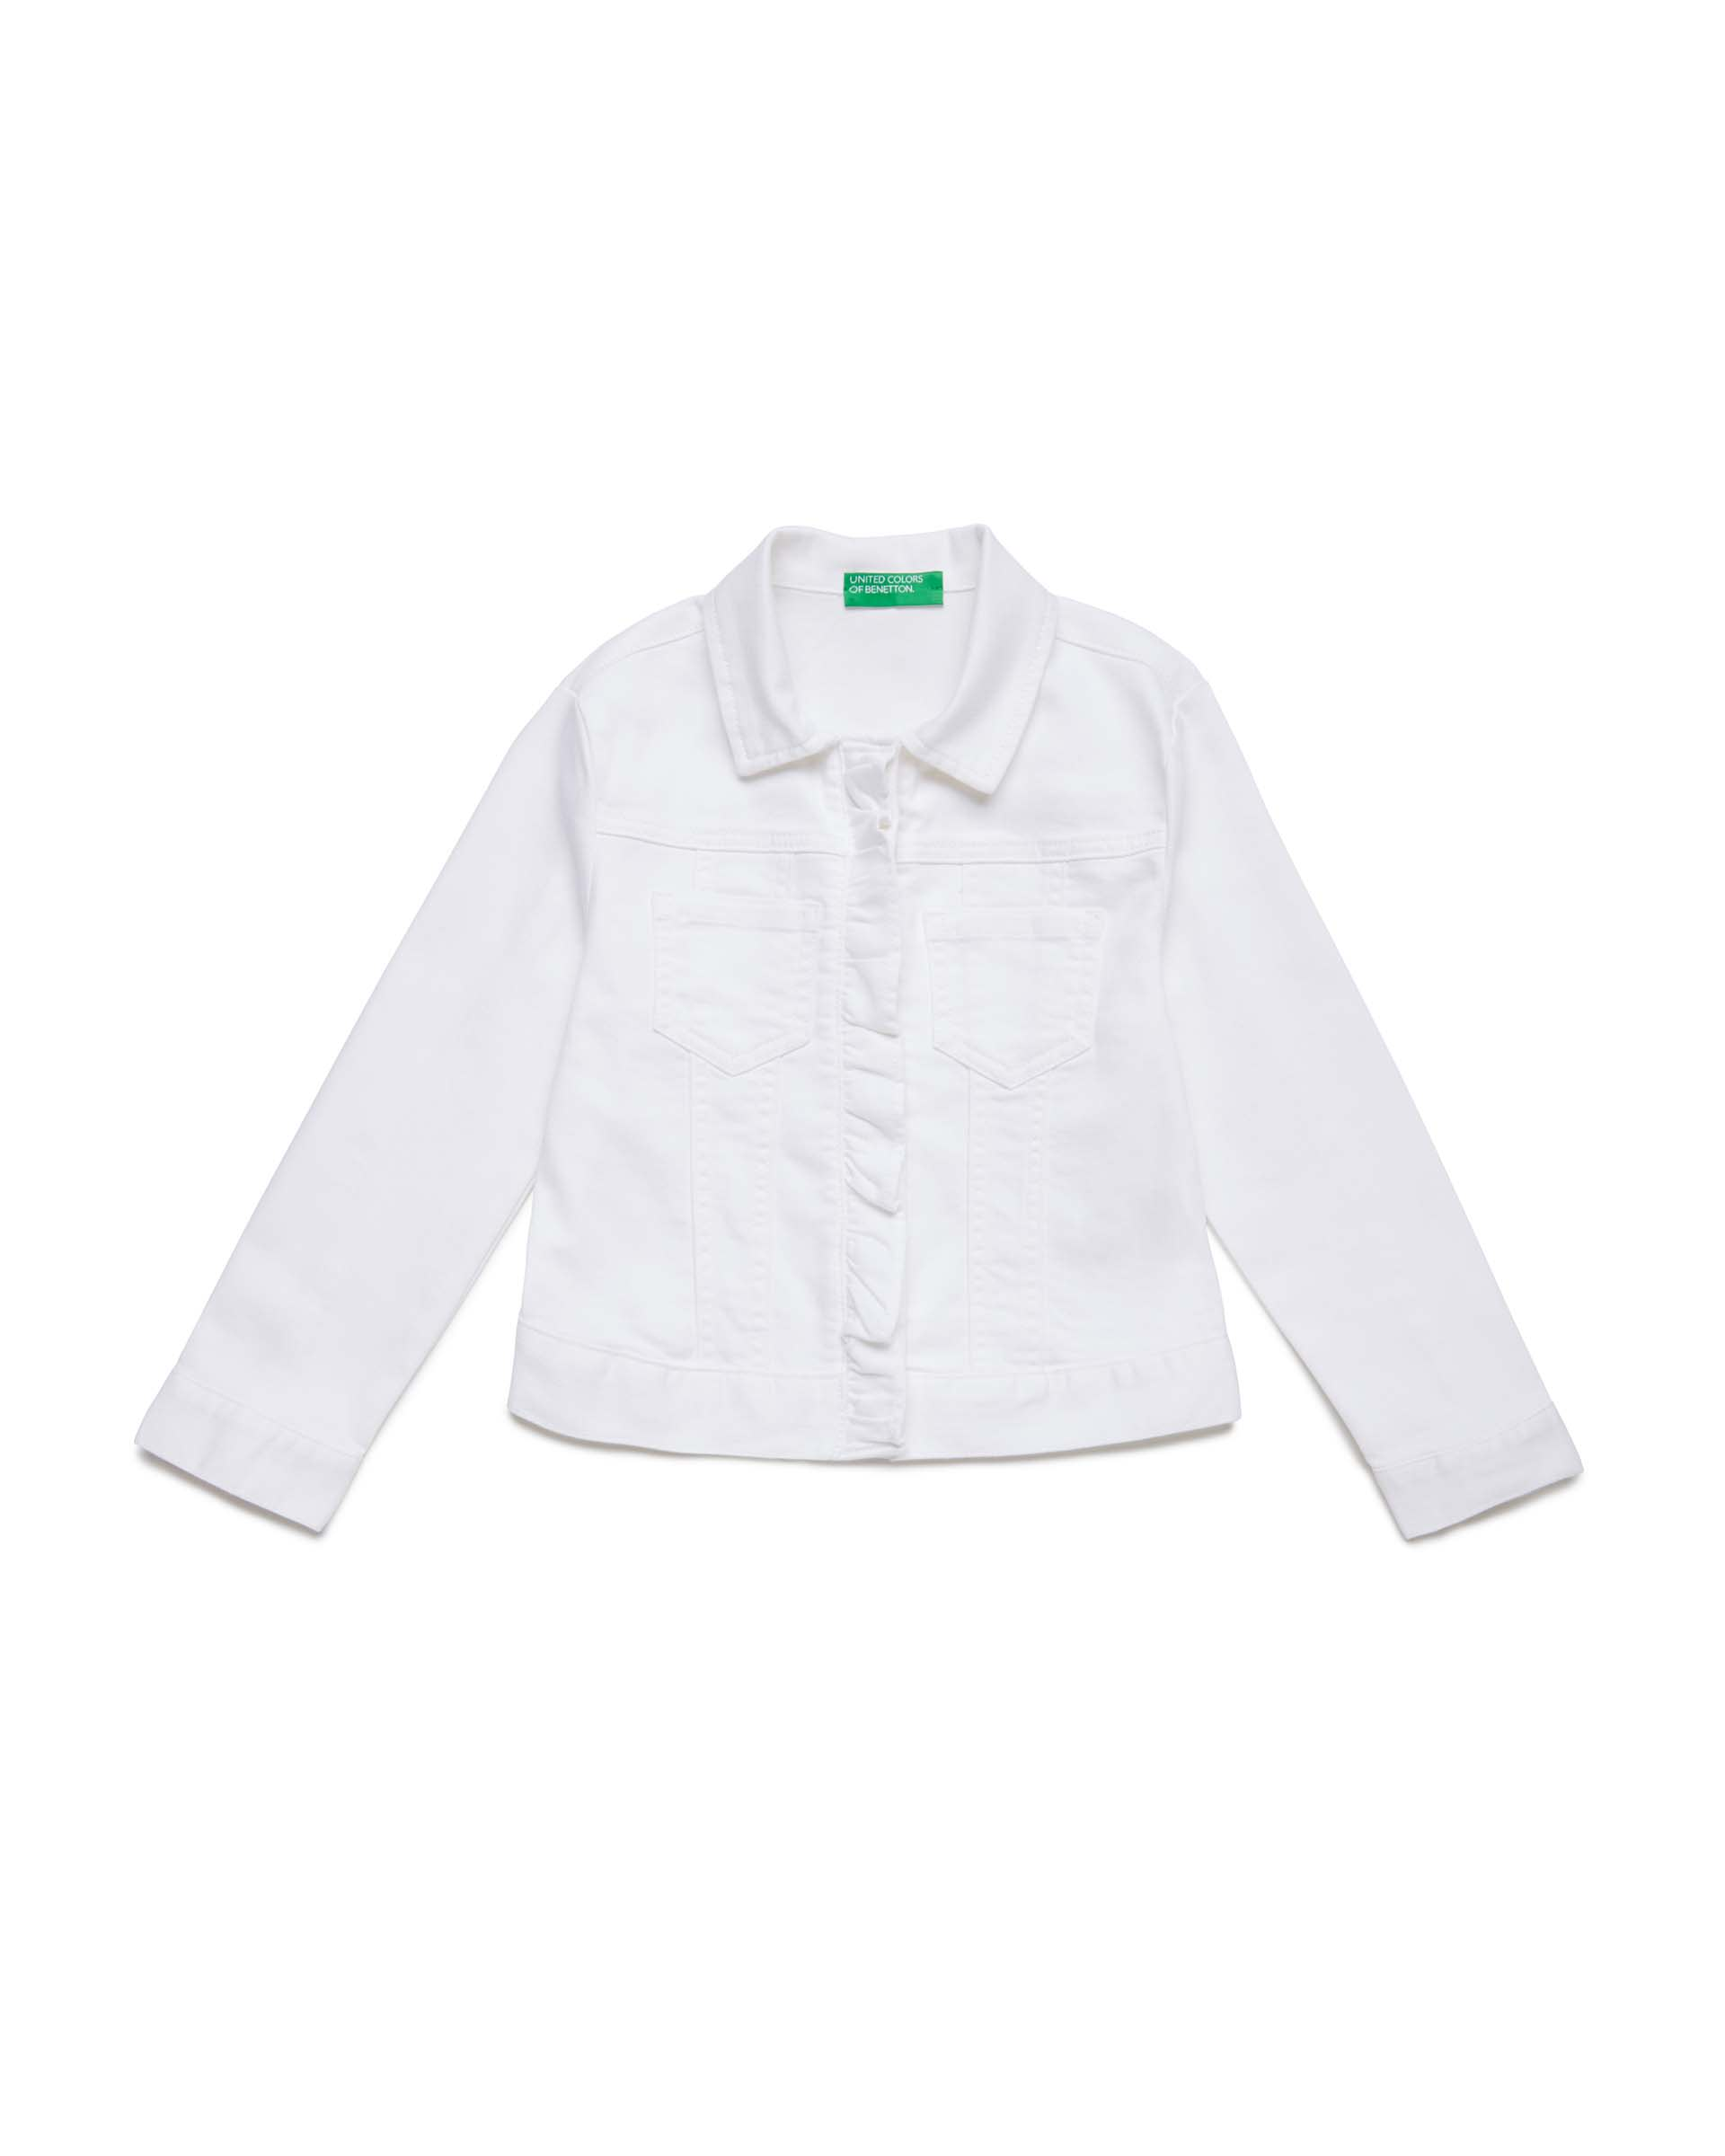 Купить 20P_2HB553I30_101, Джинсовая куртка для девочек Benetton 2HB553I30_101 р-р 170, United Colors of Benetton, Куртки для девочек